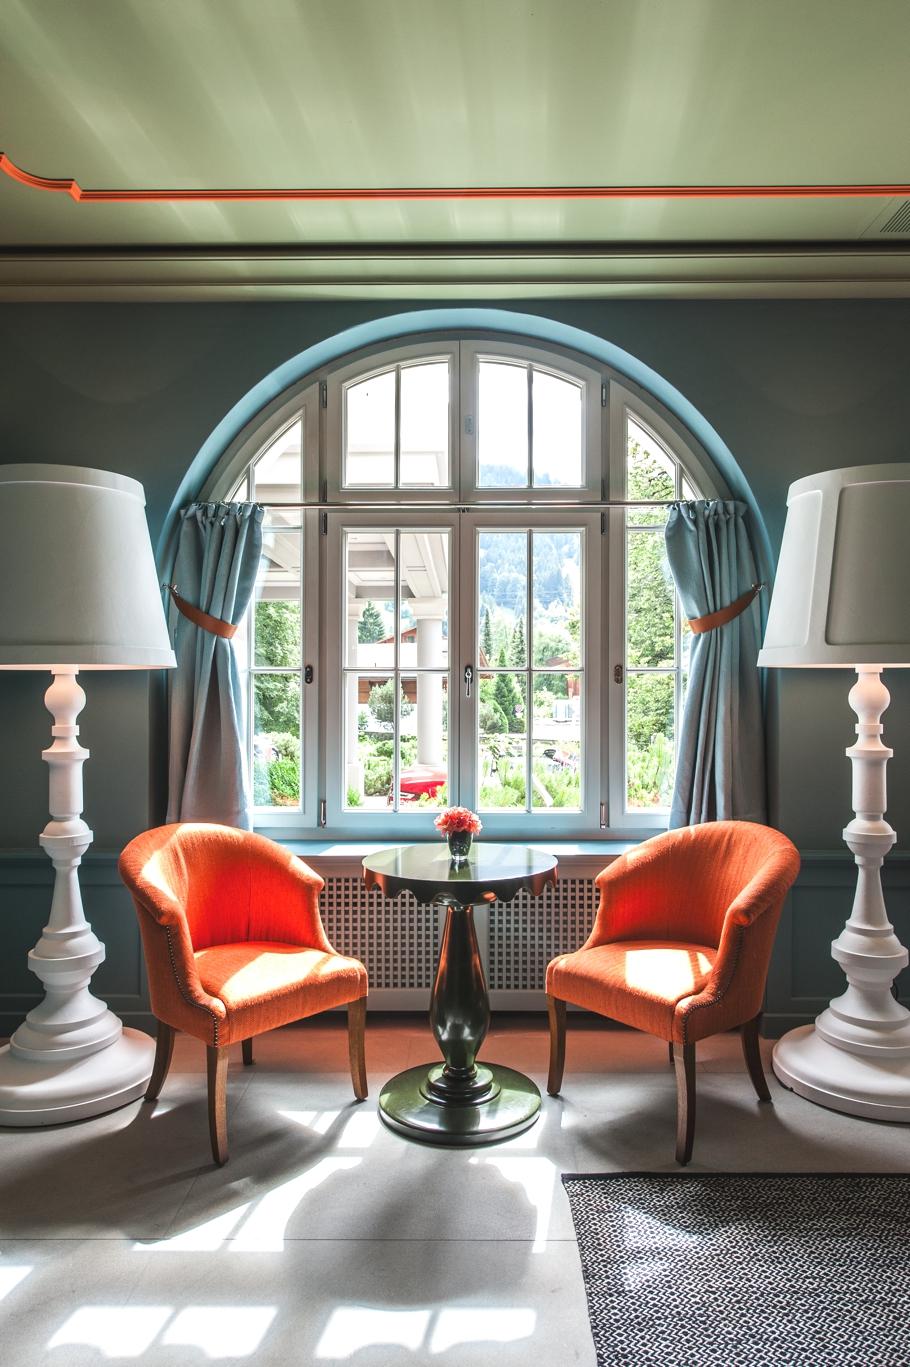 Luxury-Ski-Hotel-Le-Grand-Bellevue-Switzerland-05